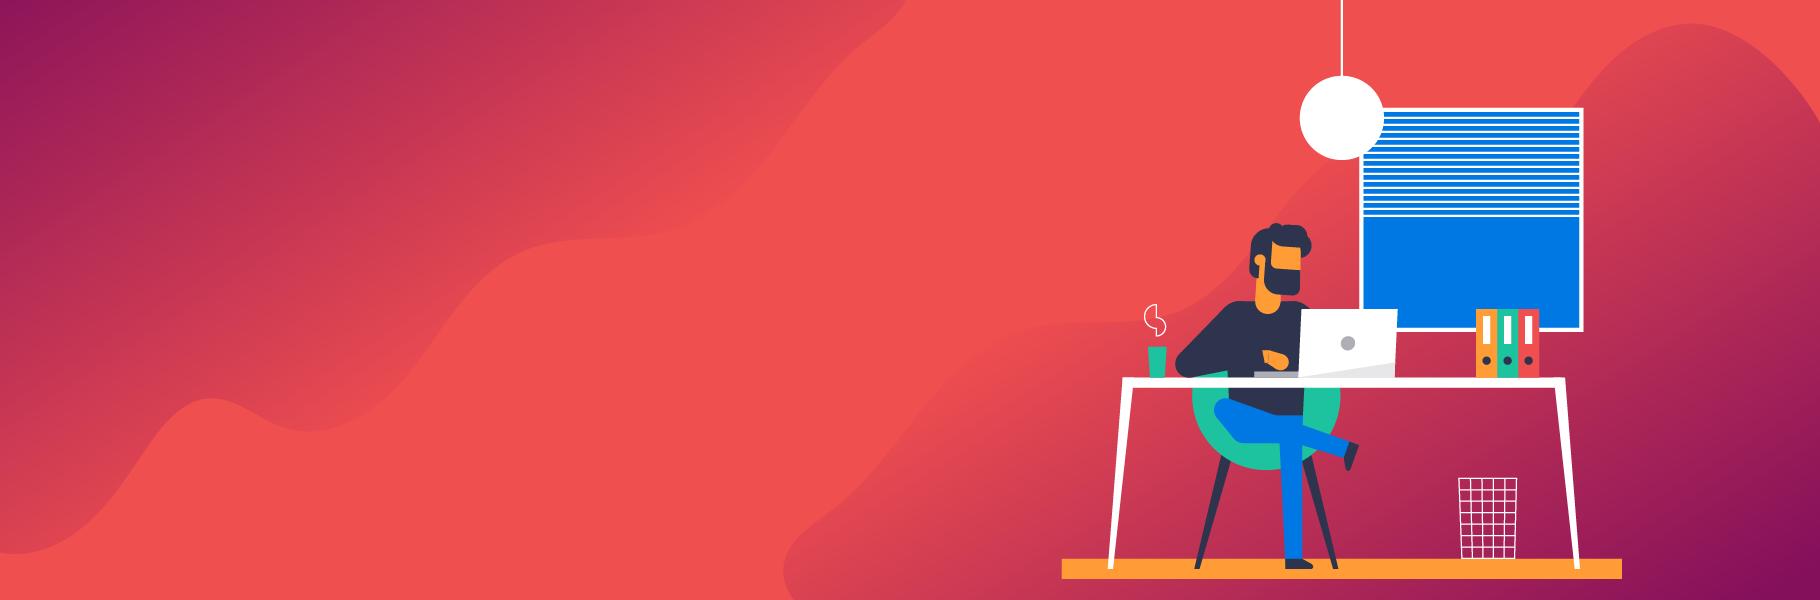 5 tutoriales para creativos que te encantarán